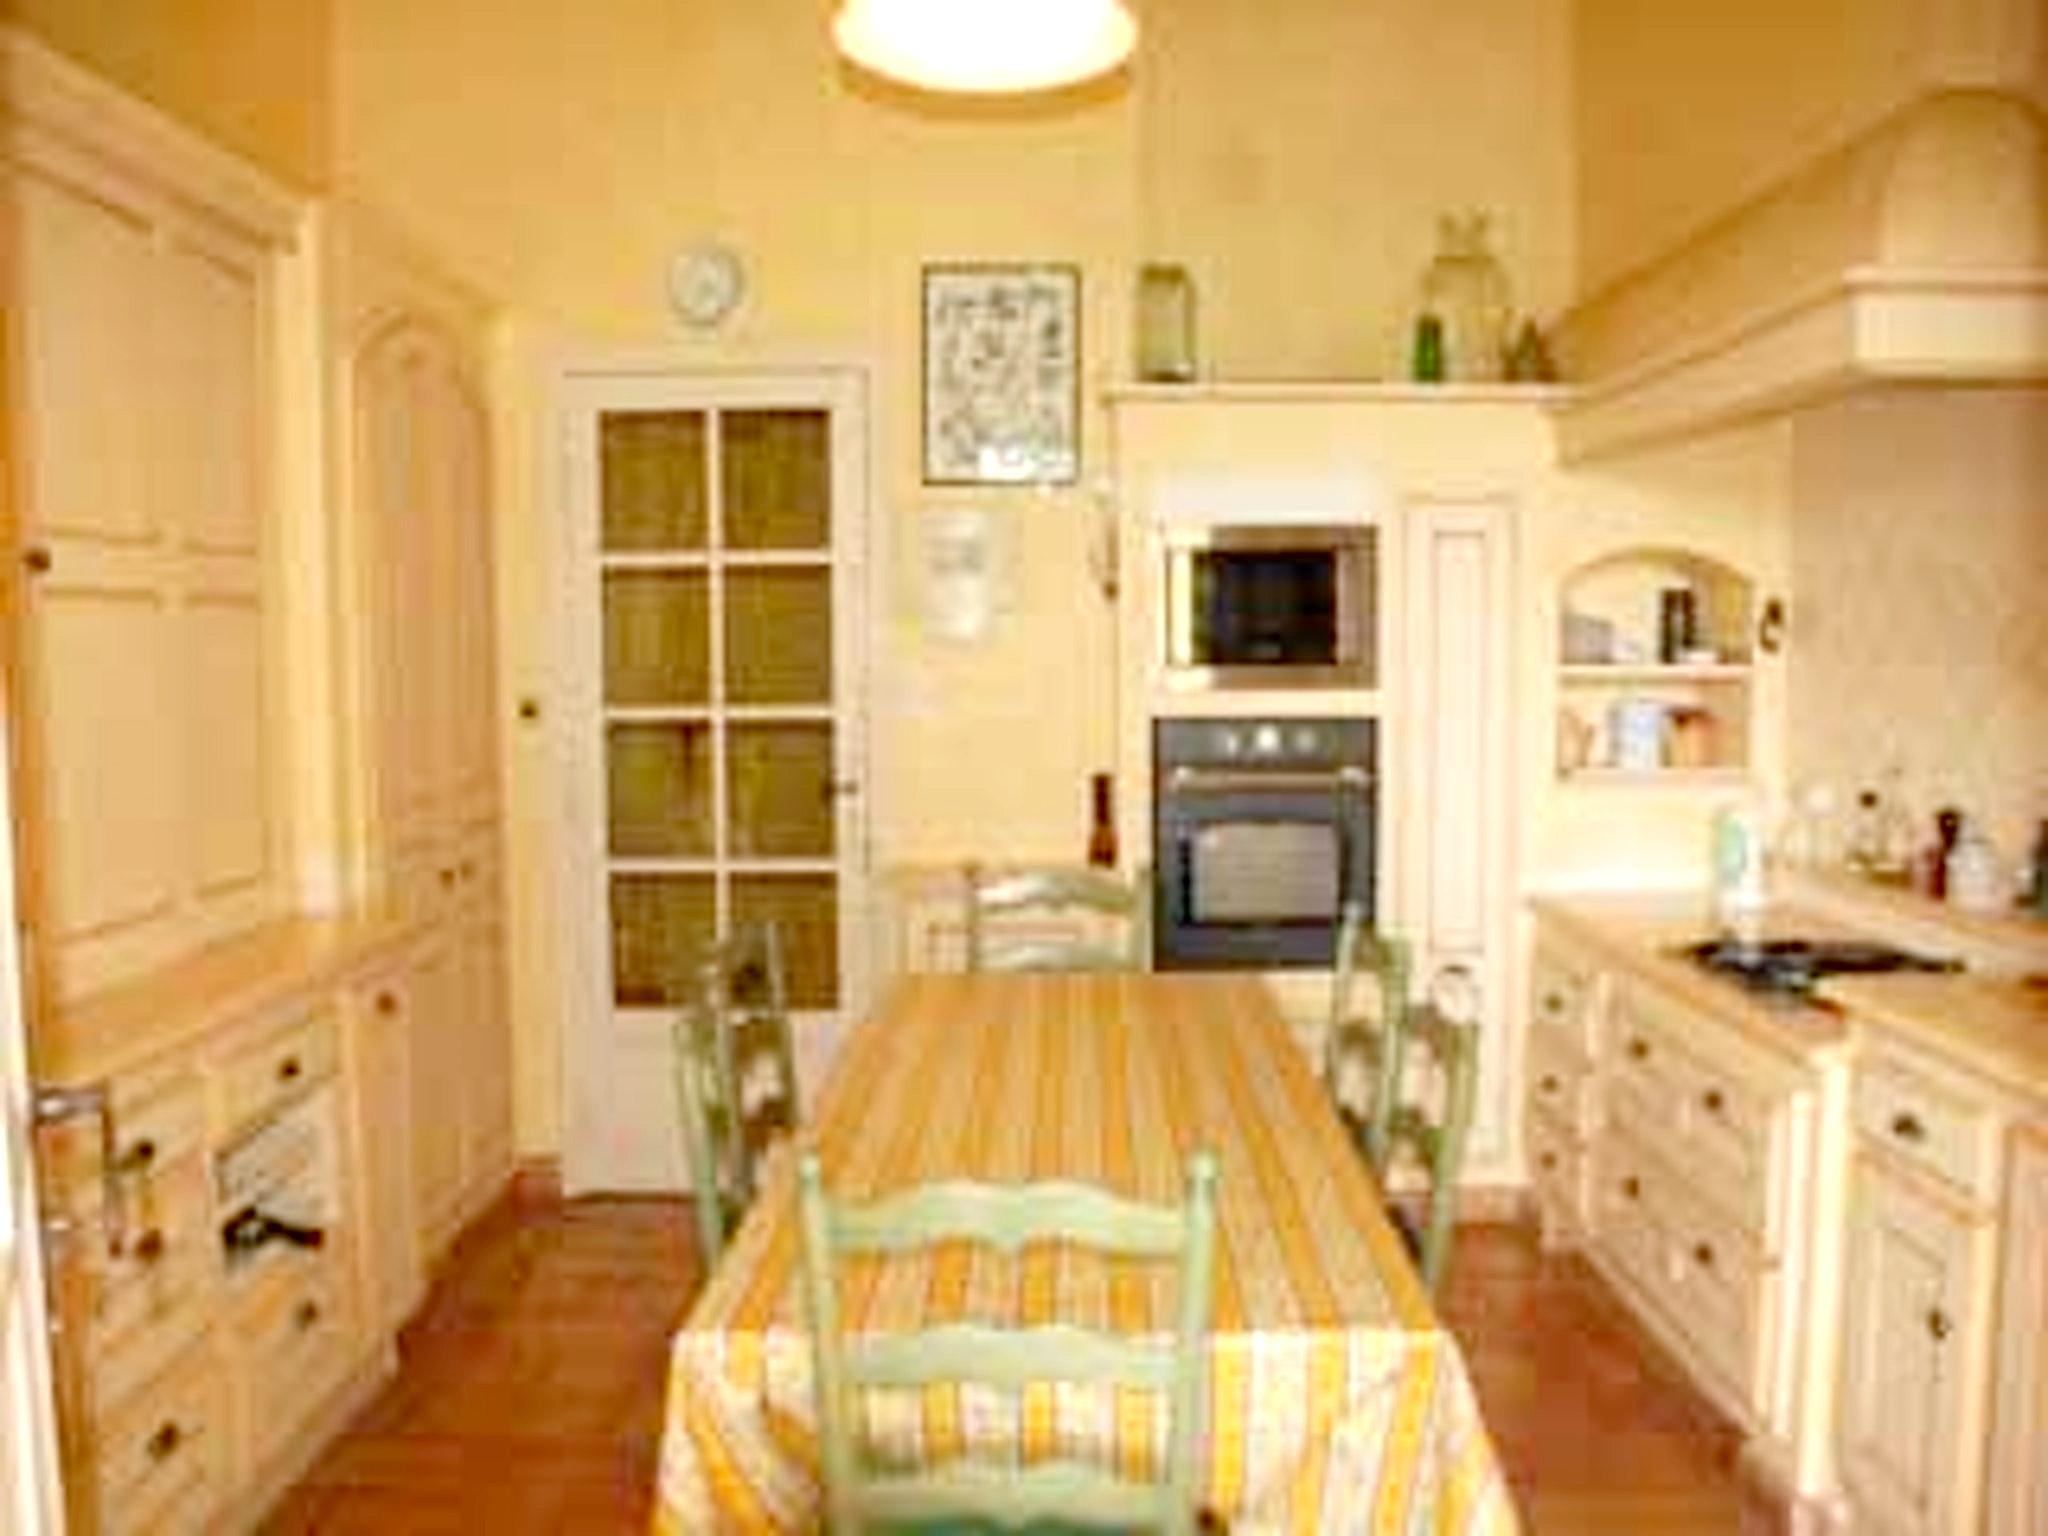 Ferienhaus Villa mit 4 Schlafzimmern in Pernes-les-Fontaines mit toller Aussicht auf die Berge, priva (2519446), Pernes les Fontaines, Saône-et-Loire, Burgund, Frankreich, Bild 47